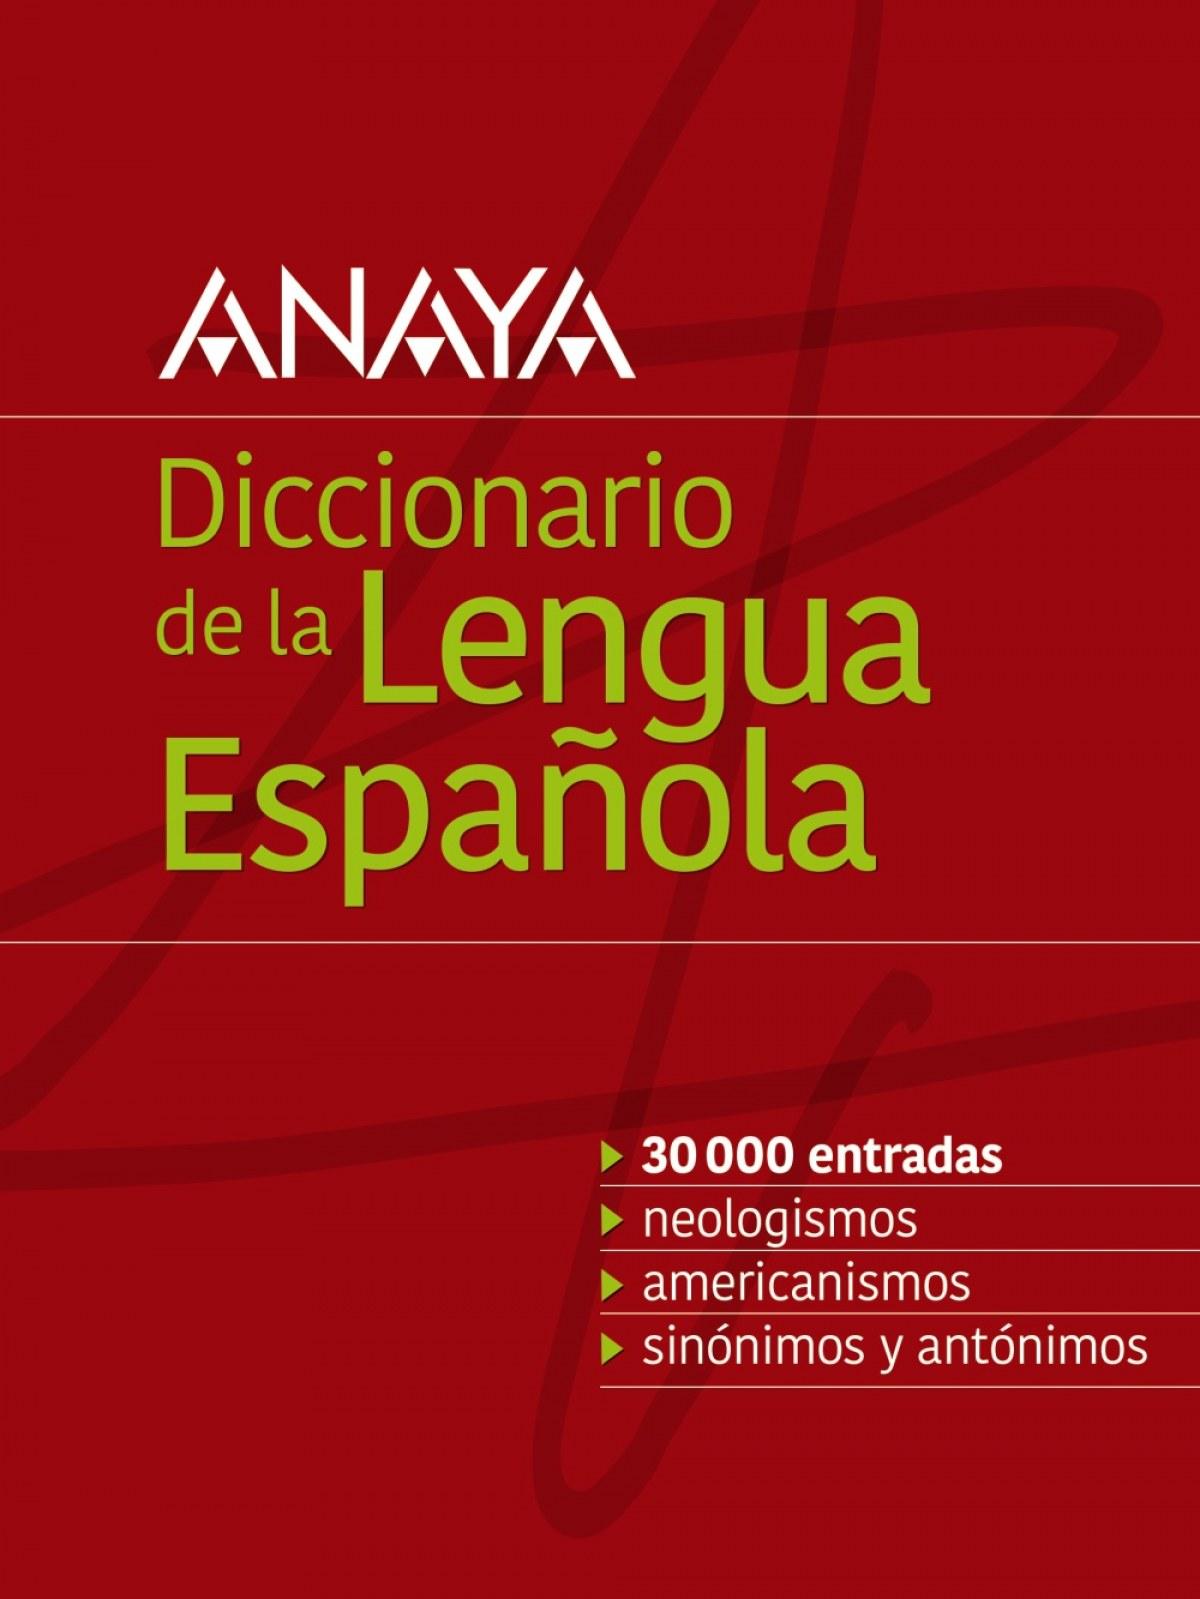 DICCIONARIO ANAYA DE LA LENGUA ESPAñOLA 9788499743073